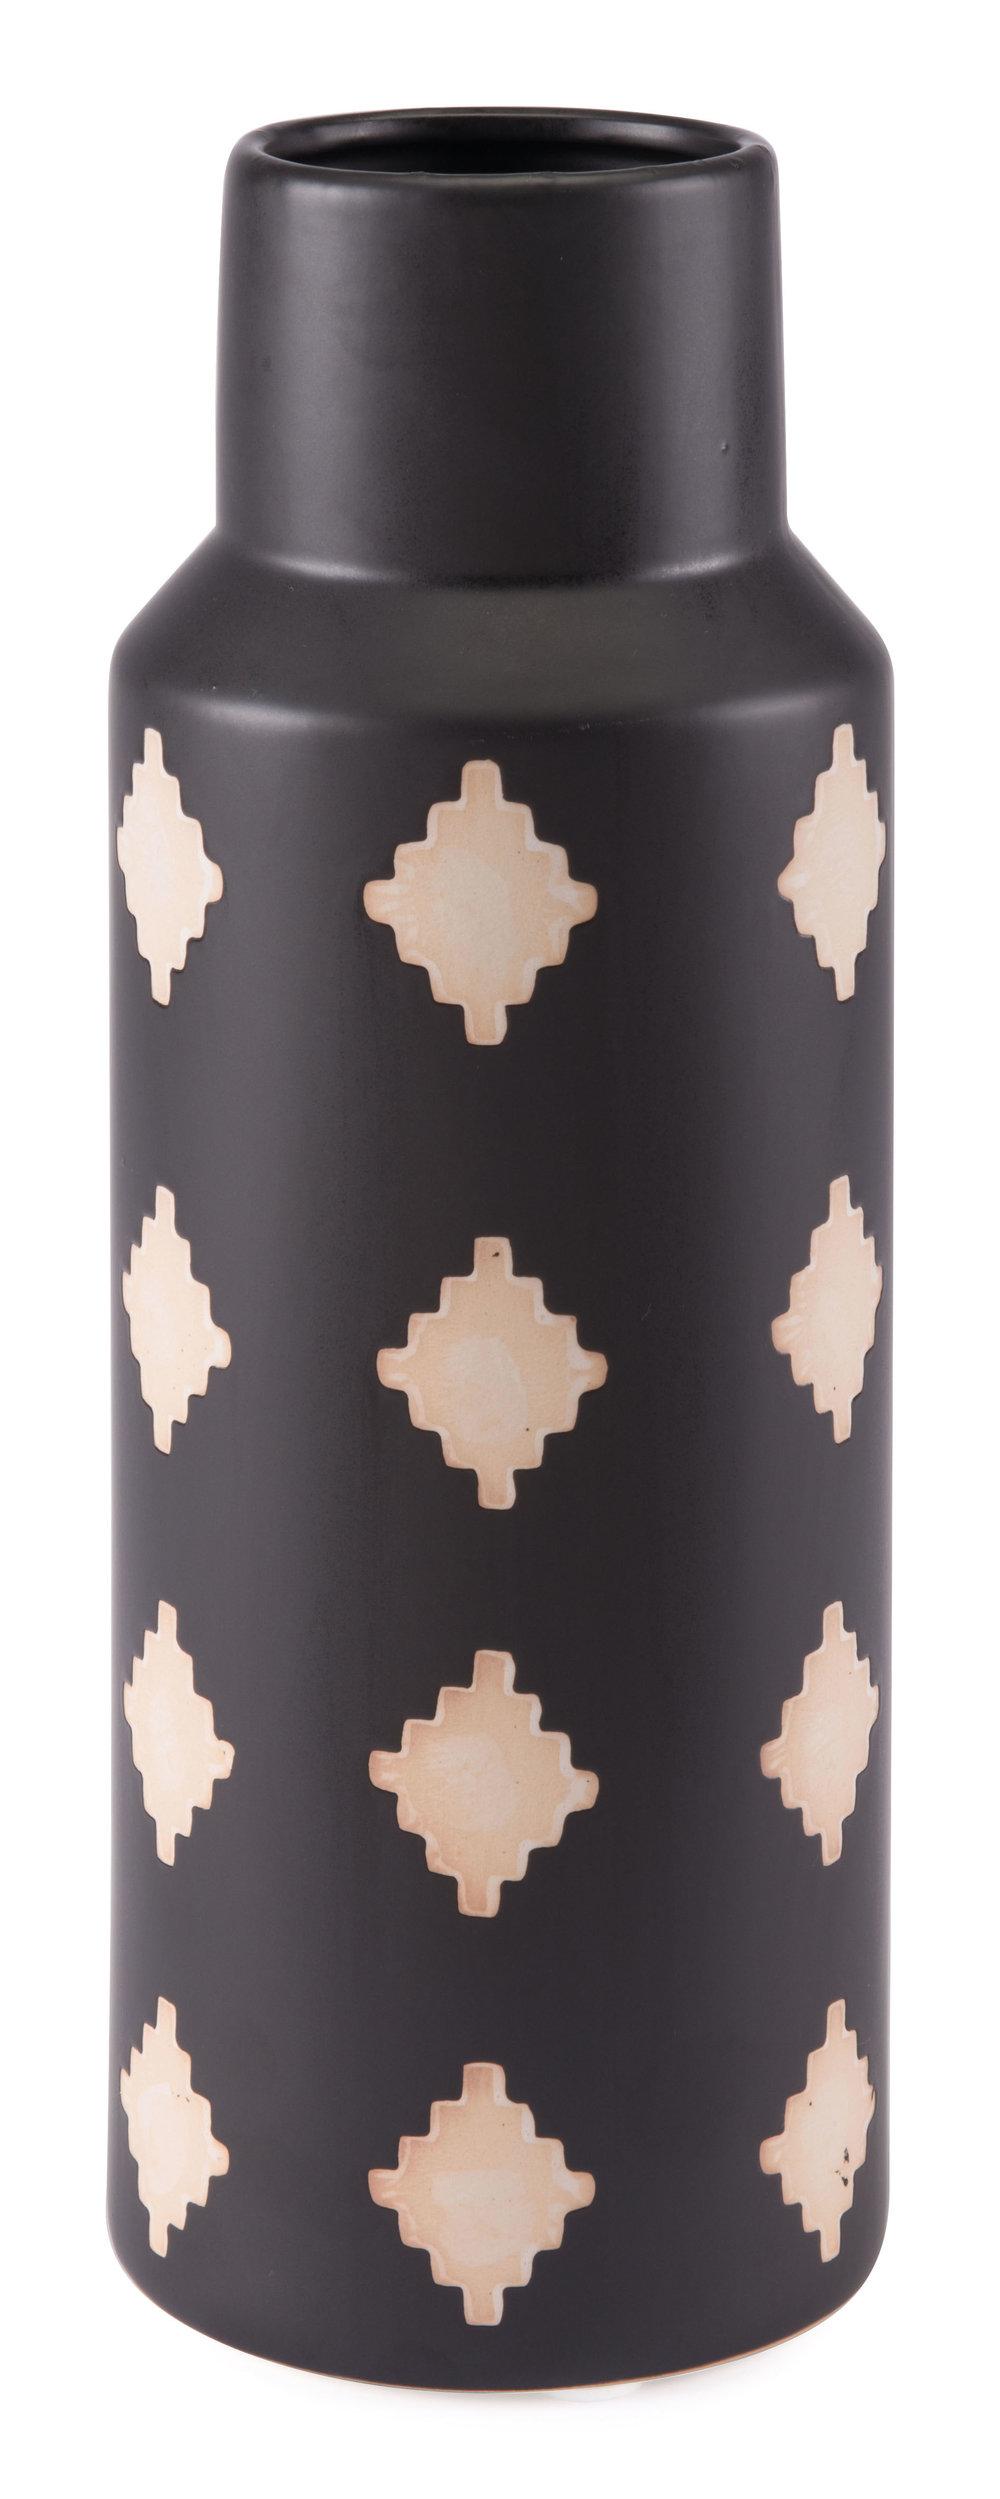 Zuo Modern Contemporary - Medium Pampa Bottle Black & Beige